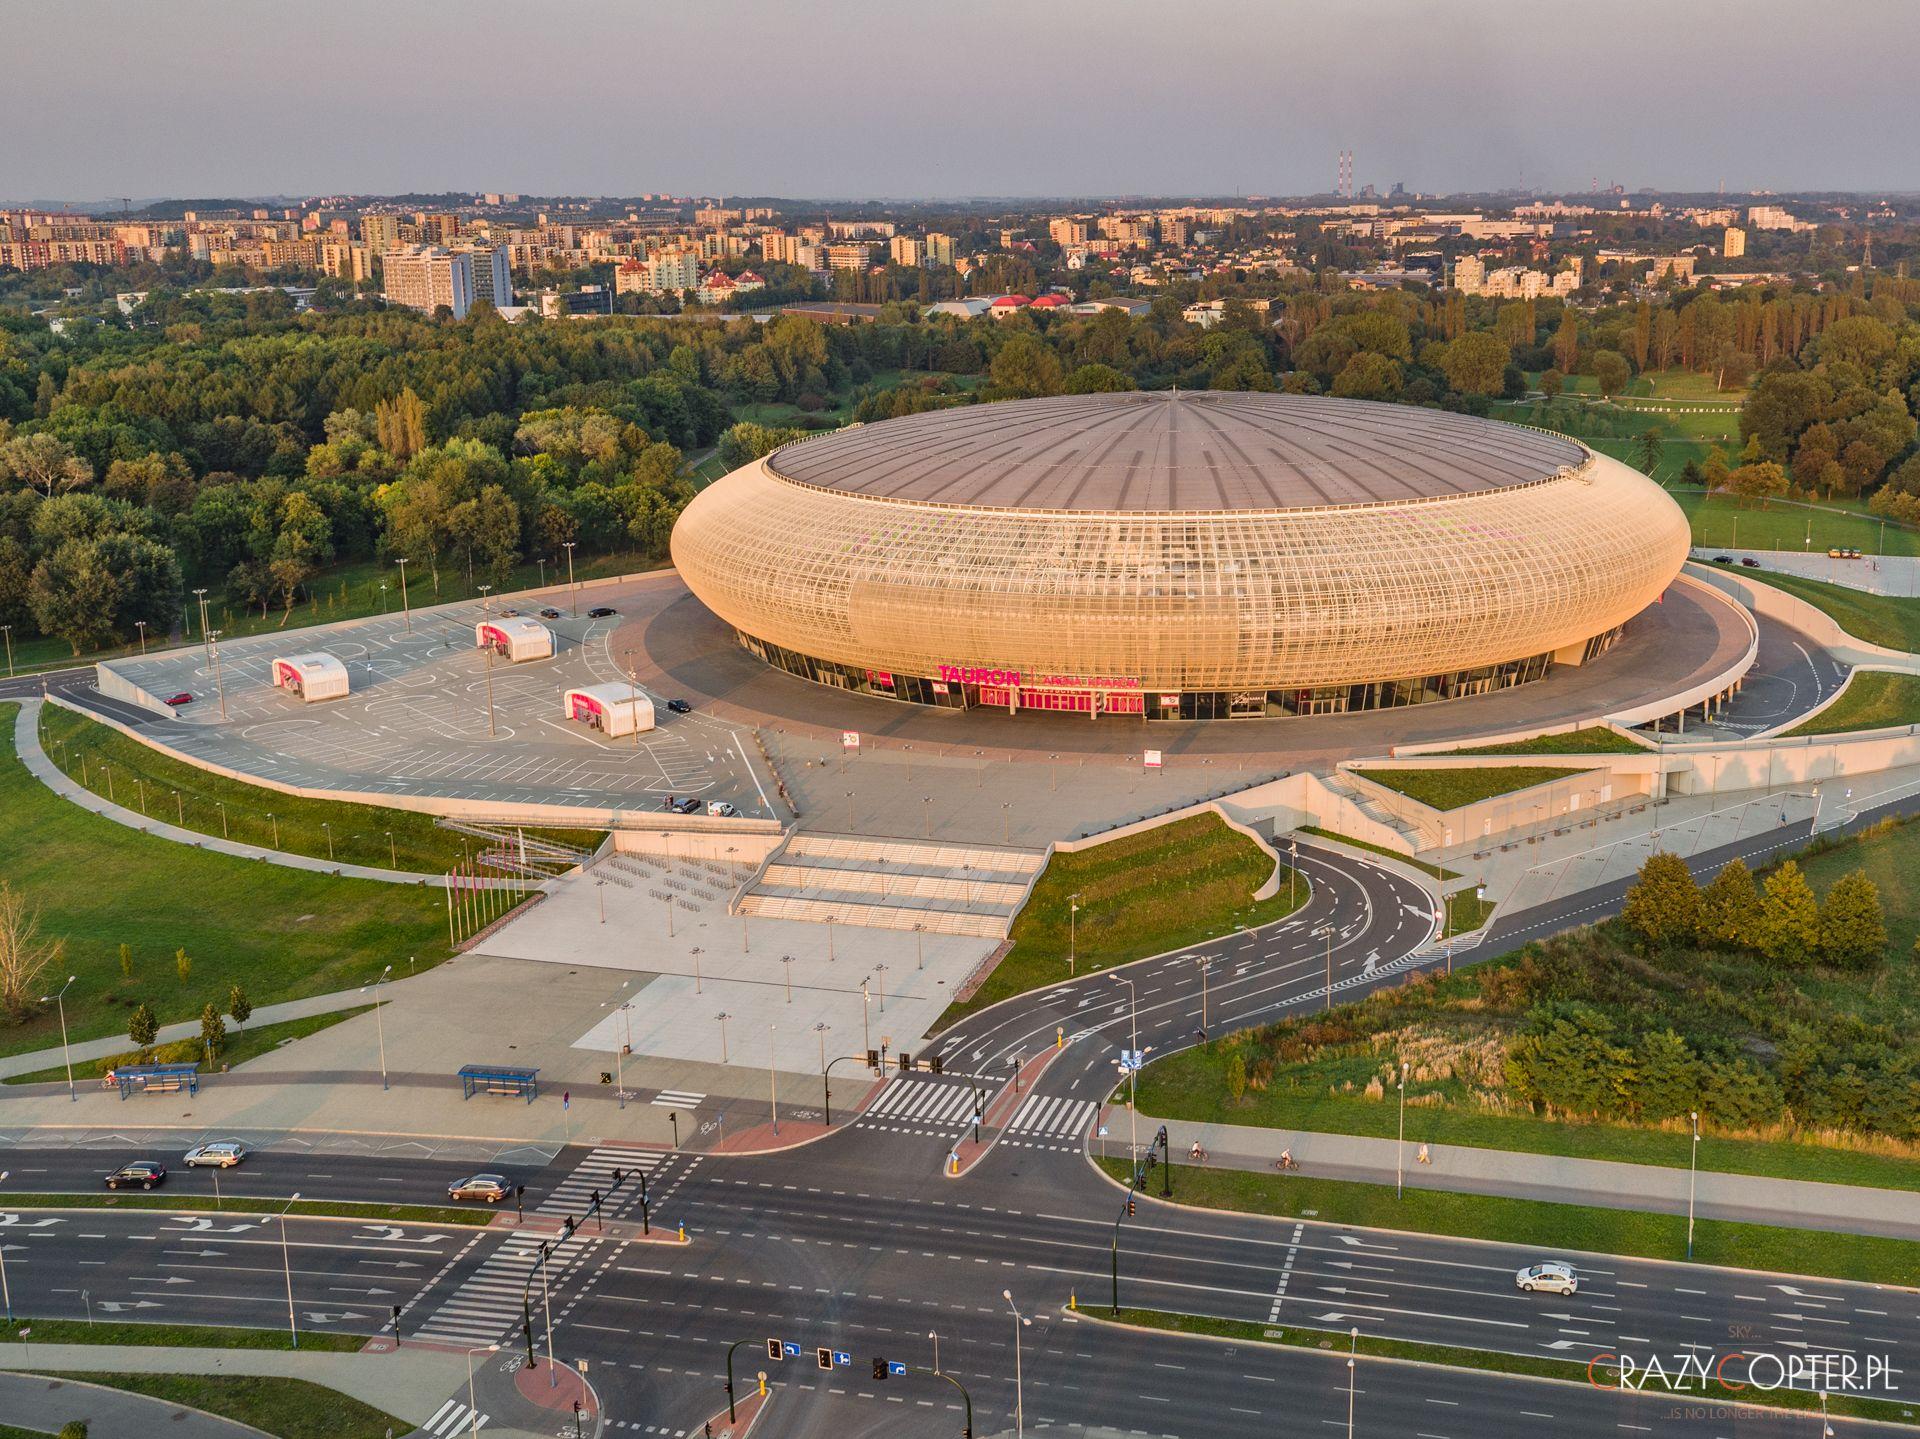 Tauron Arena w Krakowie - zdjęcie z drona